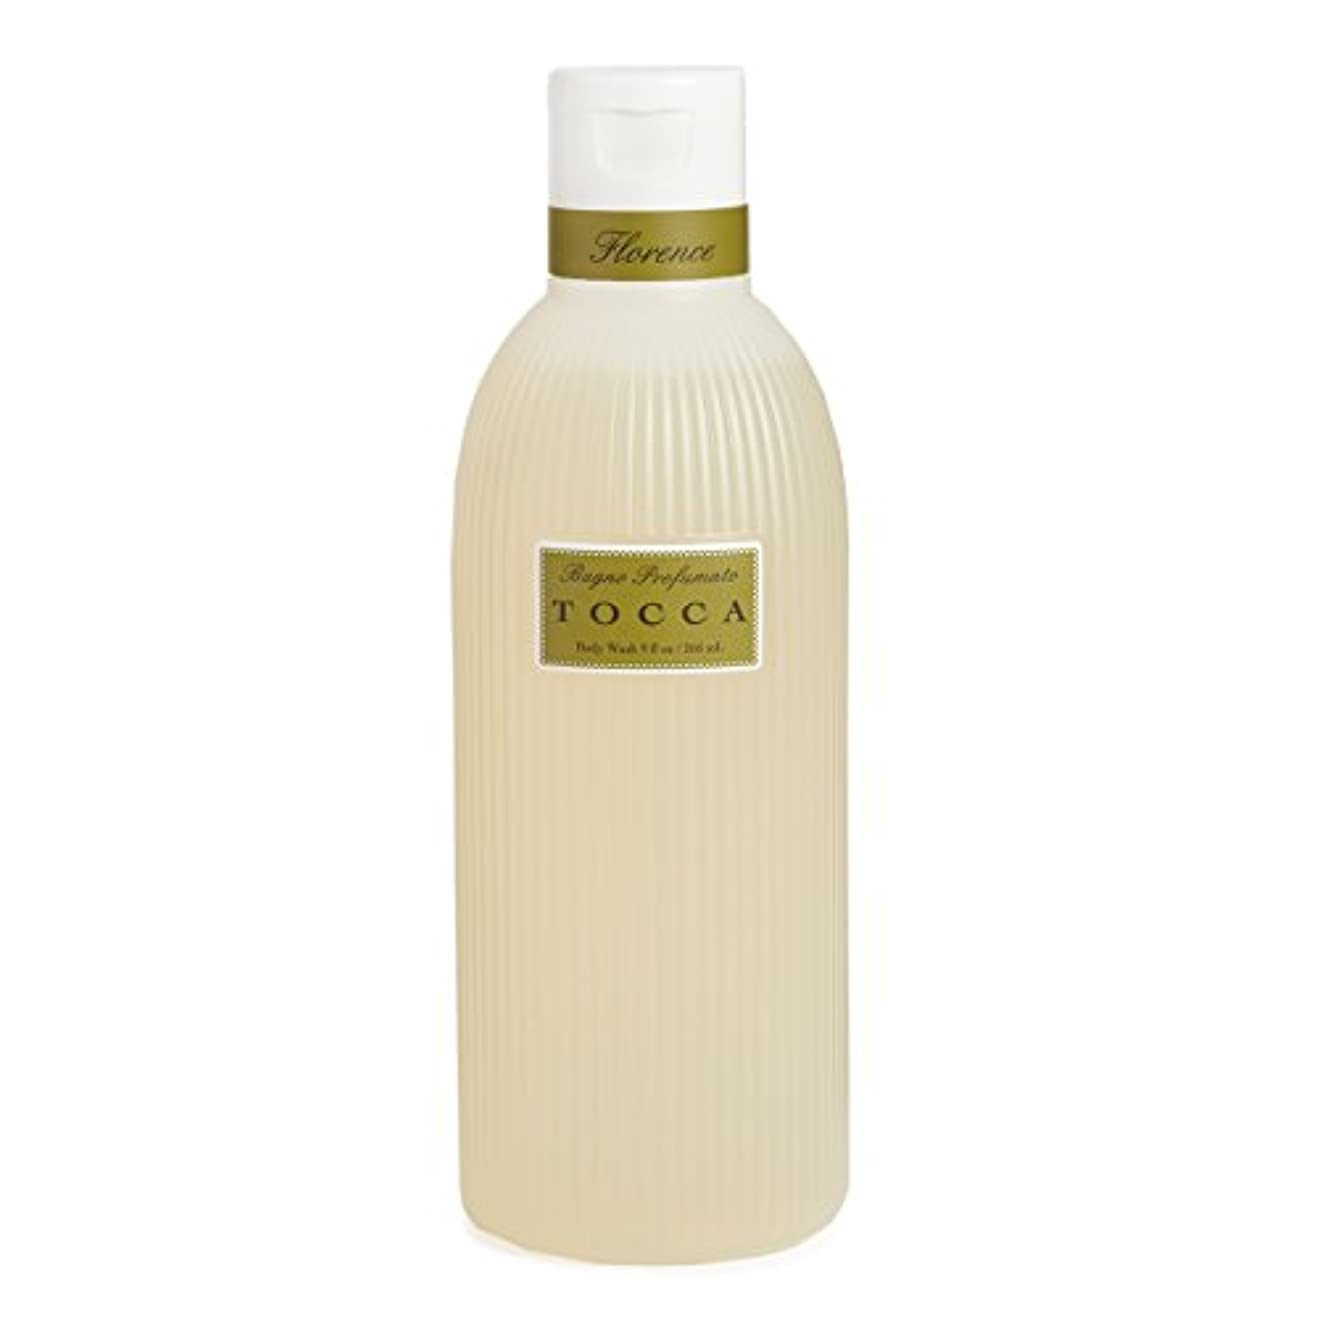 トッカ(TOCCA) ボディーケアウォッシュ フローレンスの香り 266ml(全身用洗浄料 ボディーソープ ガーデニアとベルガモットが誘うように溶け合うどこまでも上品なフローラルの香り)